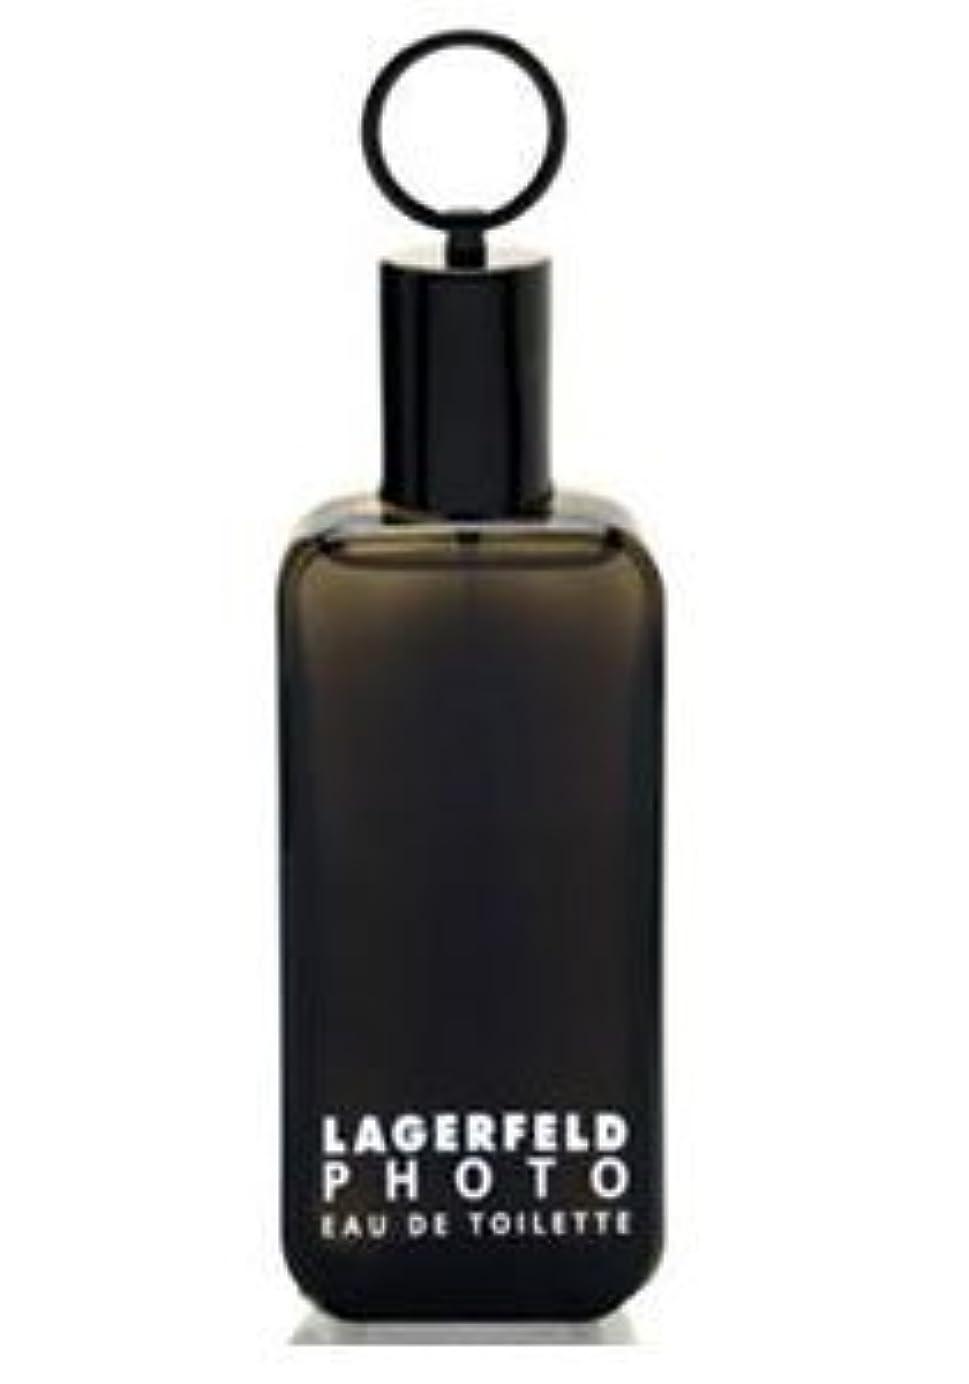 大使つづり笑いPhoto (フォト) 4.2 oz (125ml) EDT Spray by Karl Lagerfeld for Men